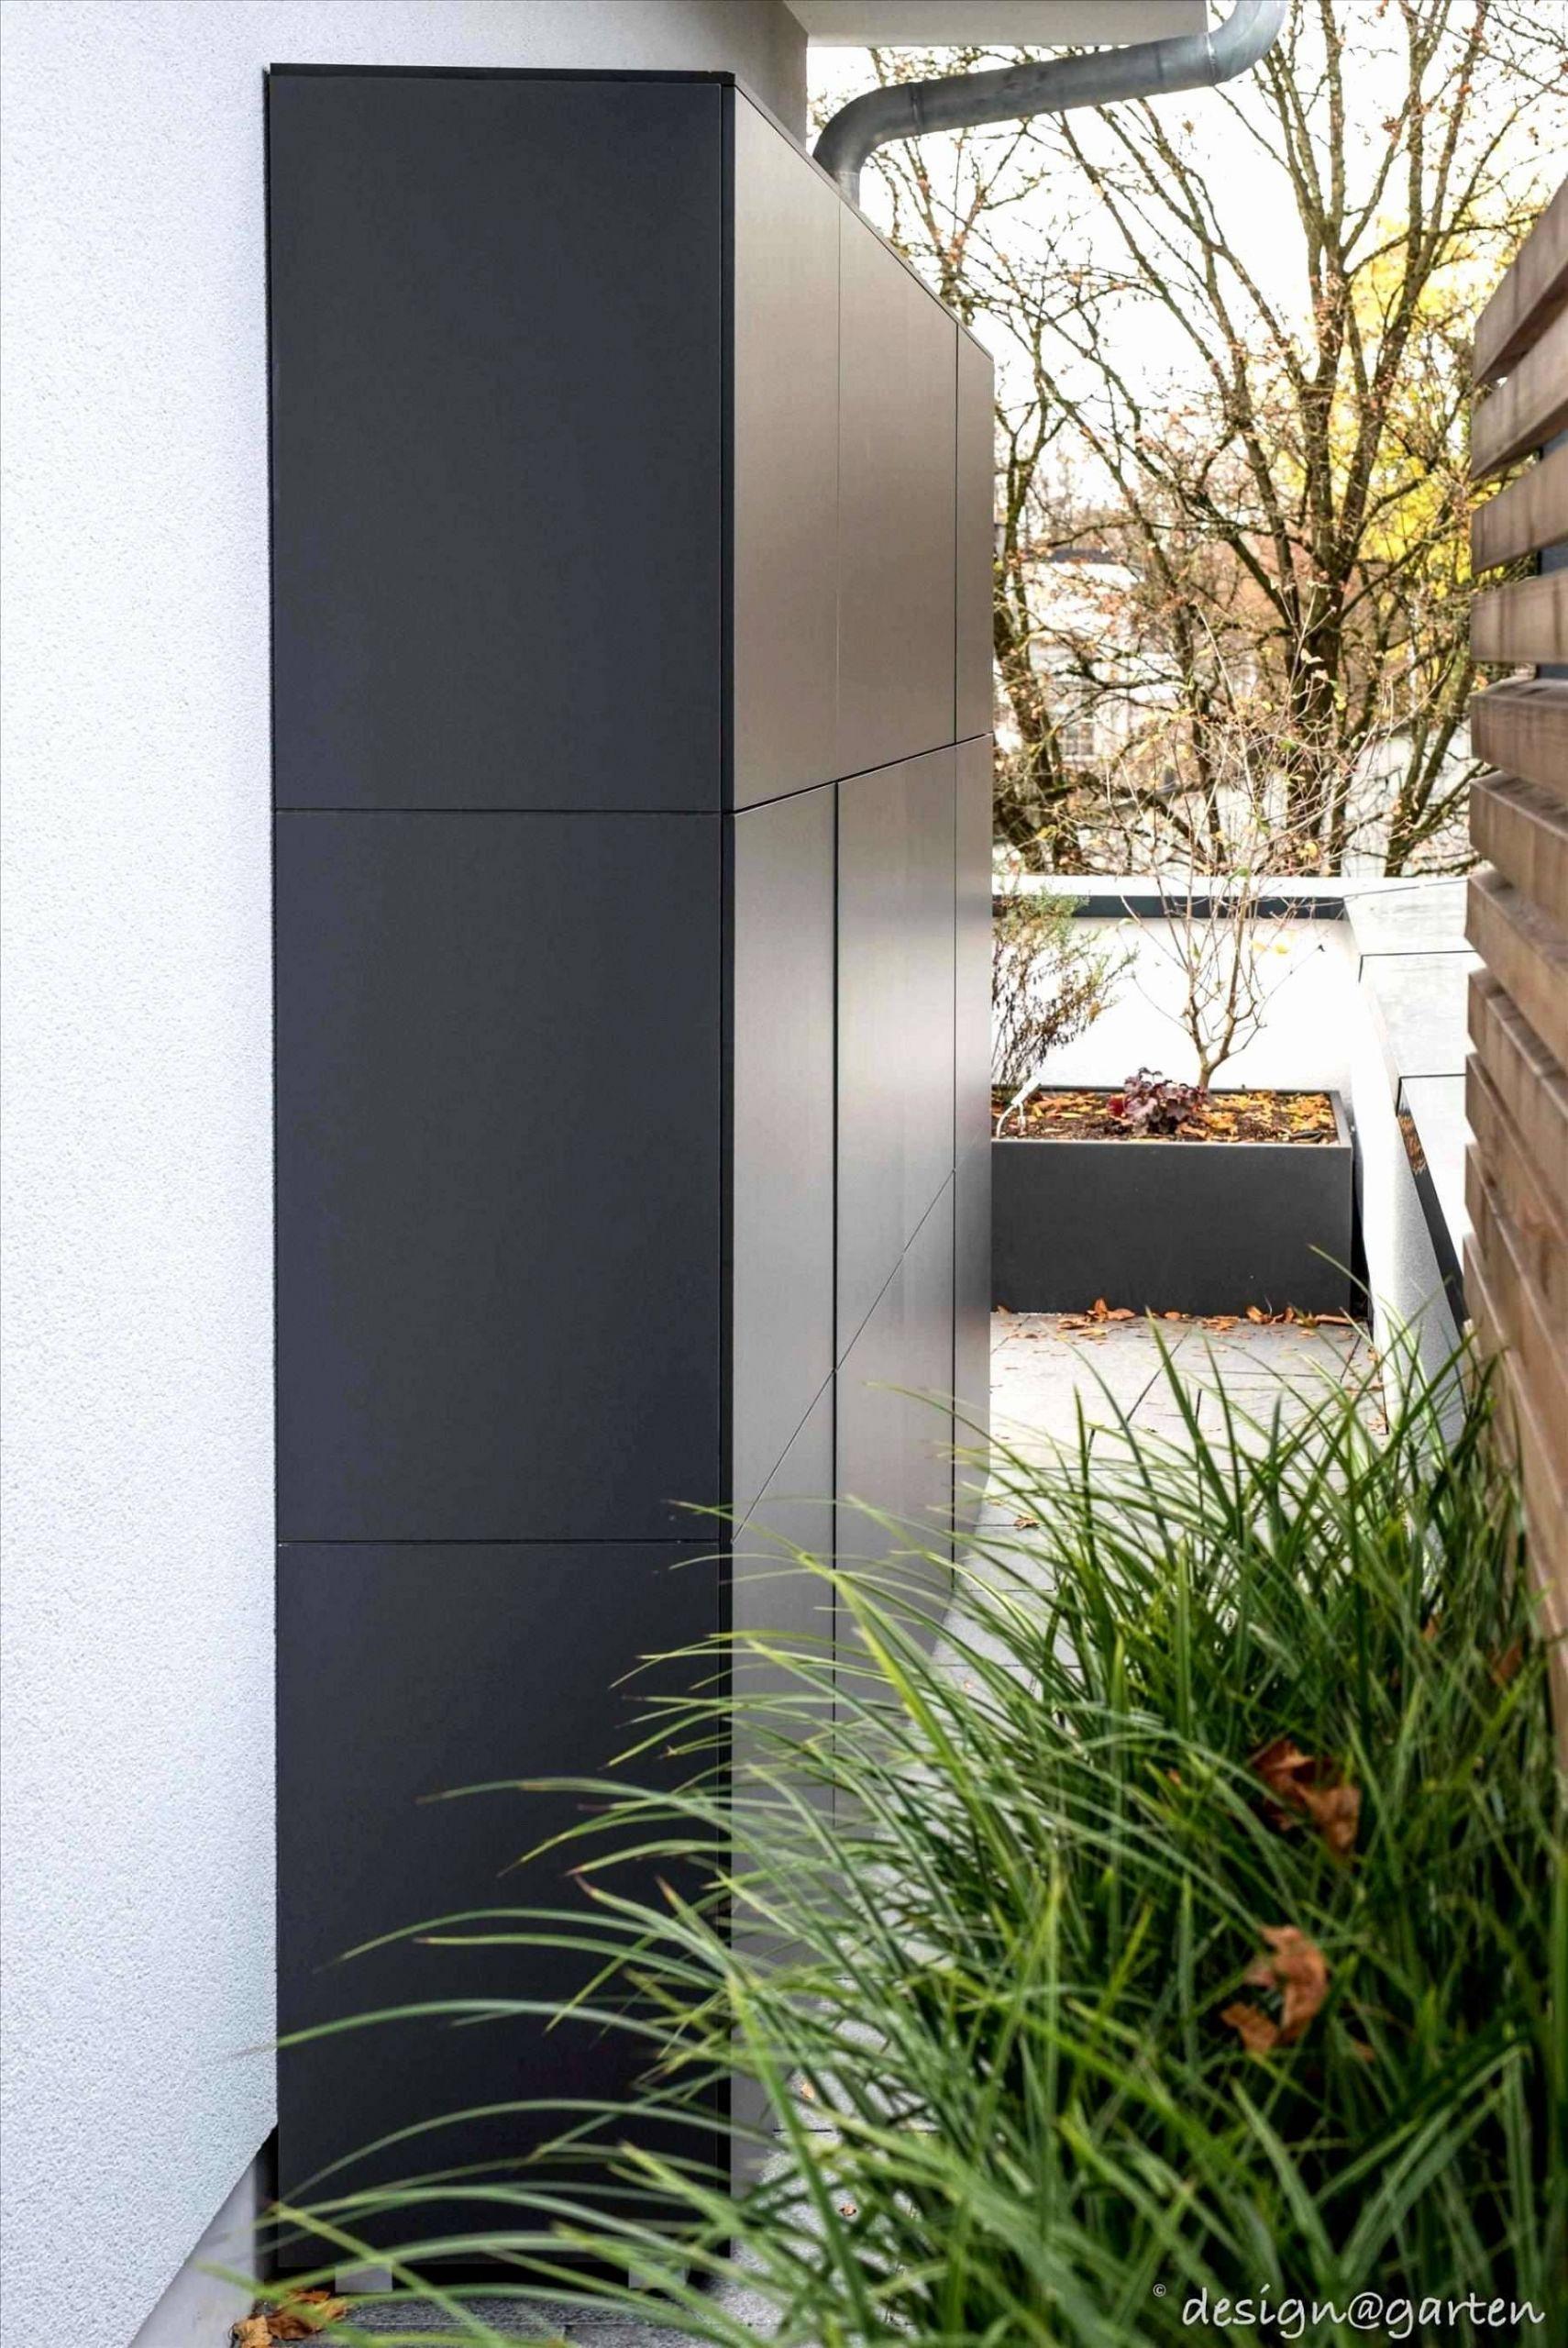 Deko Ideen Für Garten Genial Best Vorhänge Für Wohnzimmer Ideen Concept